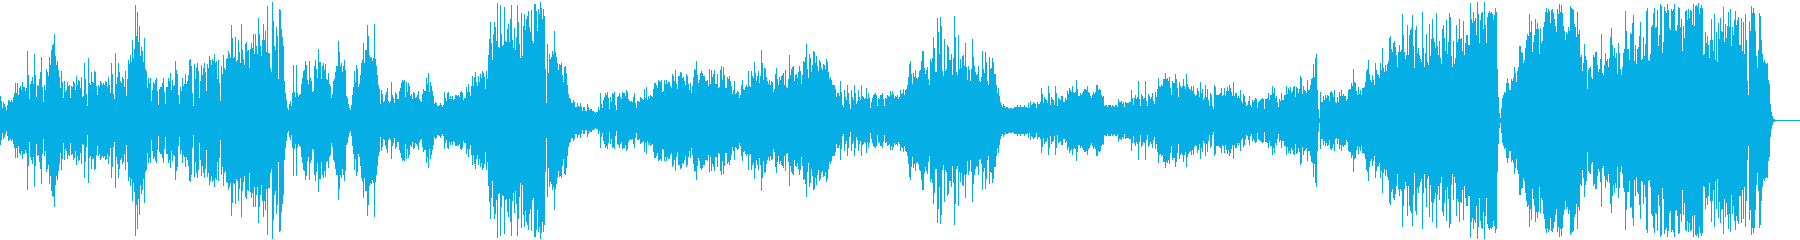 クープランの墓「トッカータ」/ラヴェルの再生済みの波形